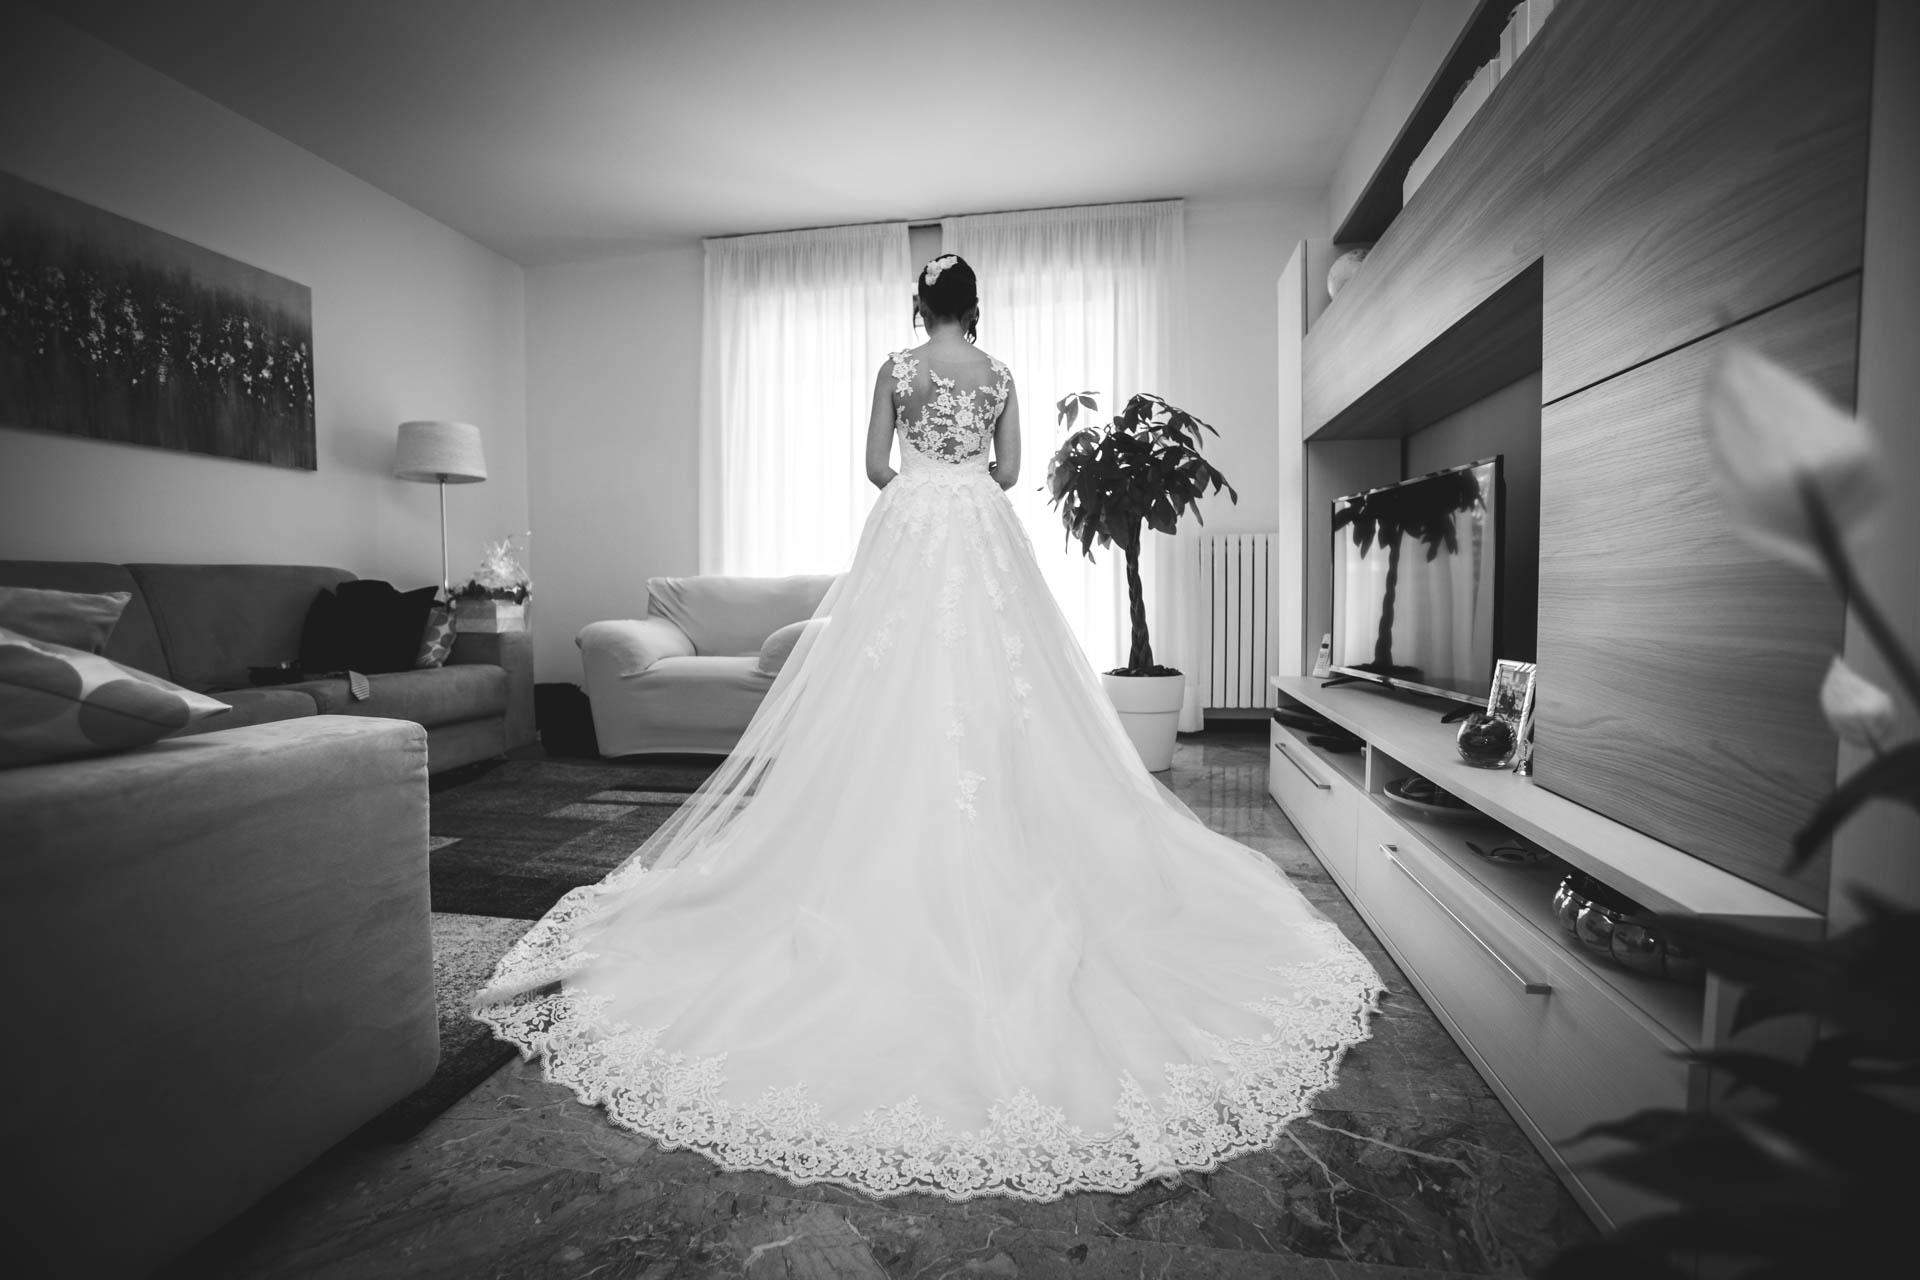 sposa abito casa bianco e nero